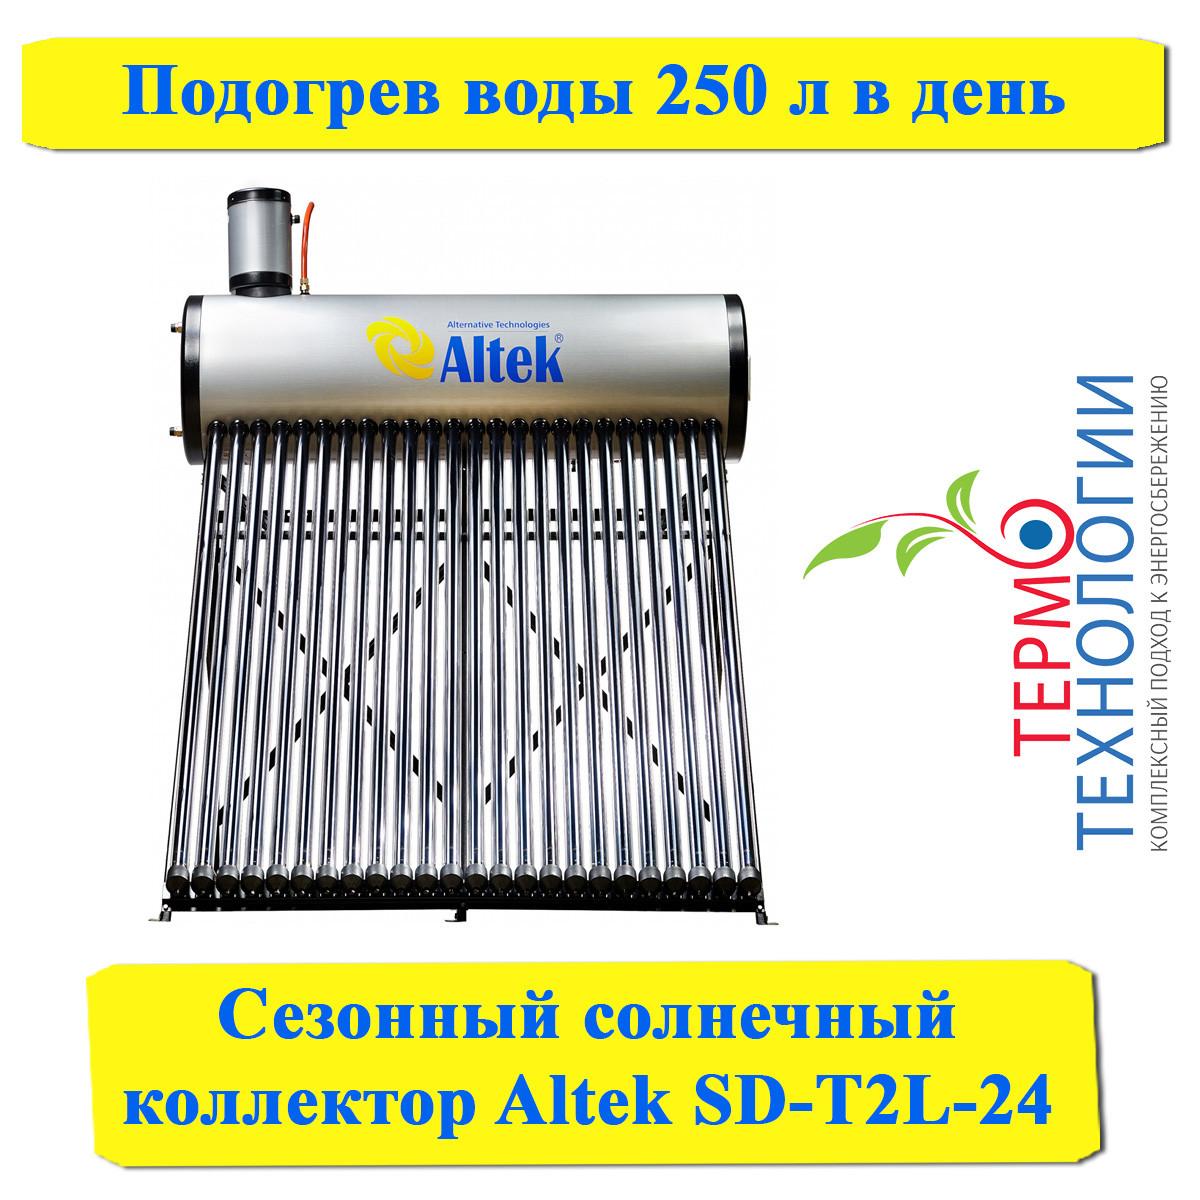 Сезонный солнечный коллектор Altek SD-T2L-24. Бак с нержавеющей стали